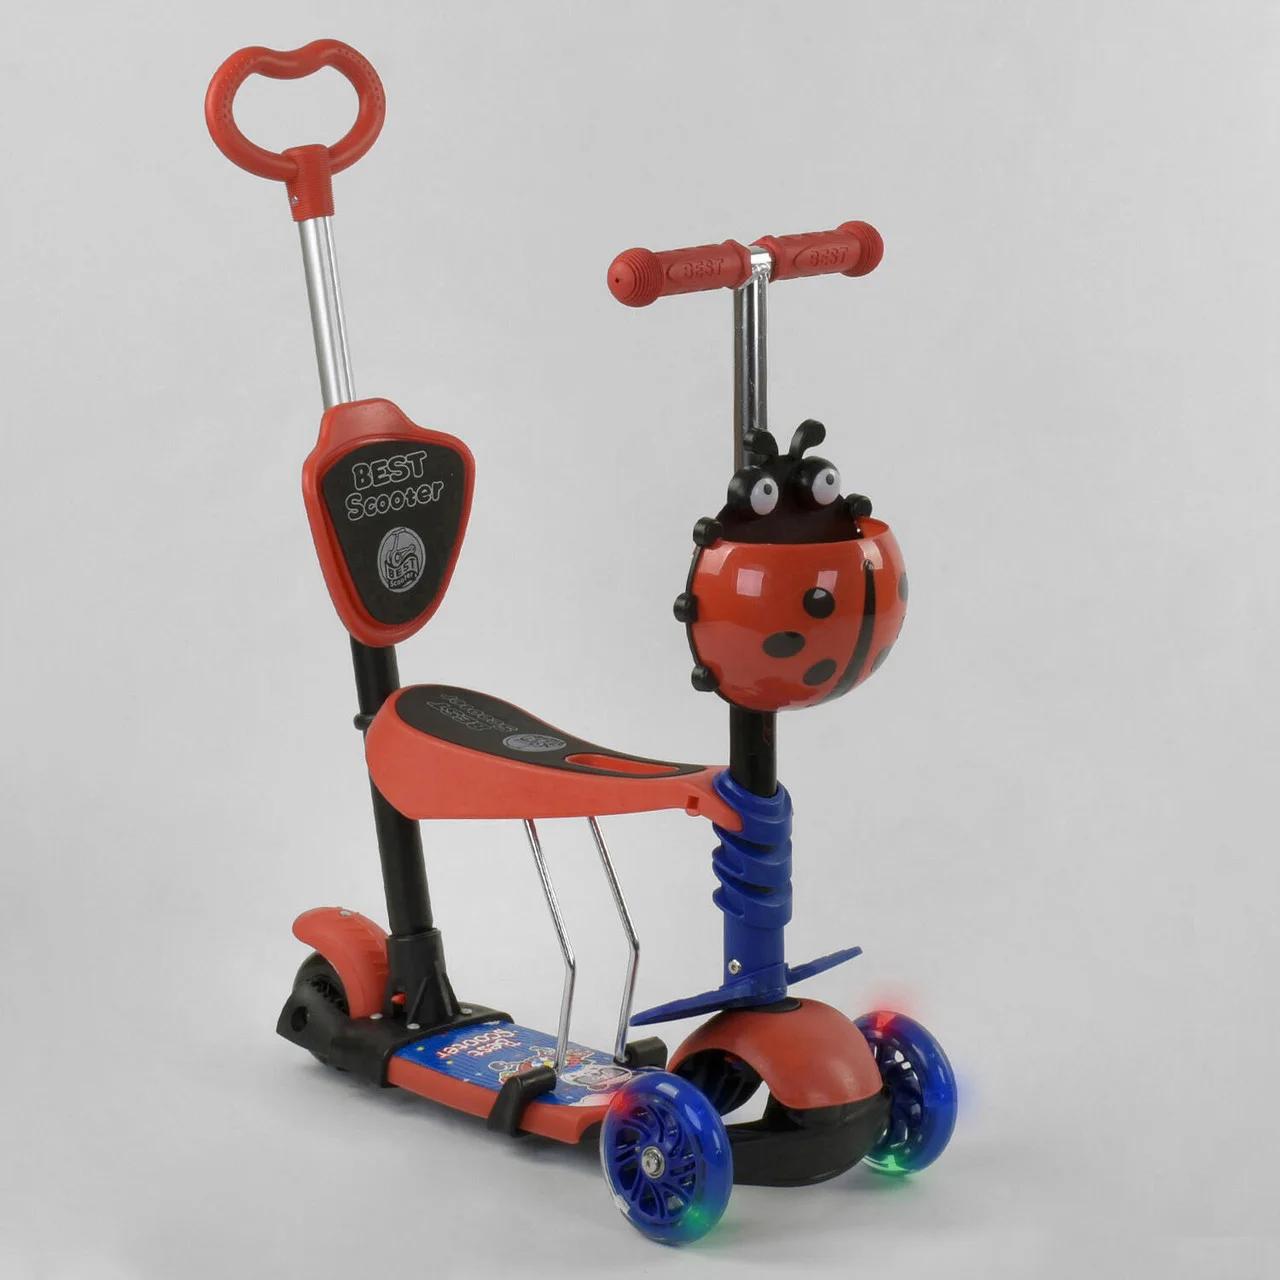 Самокат 5в1  Best Scooter 92059, красно-синий , PU колеса, подсветка колёс